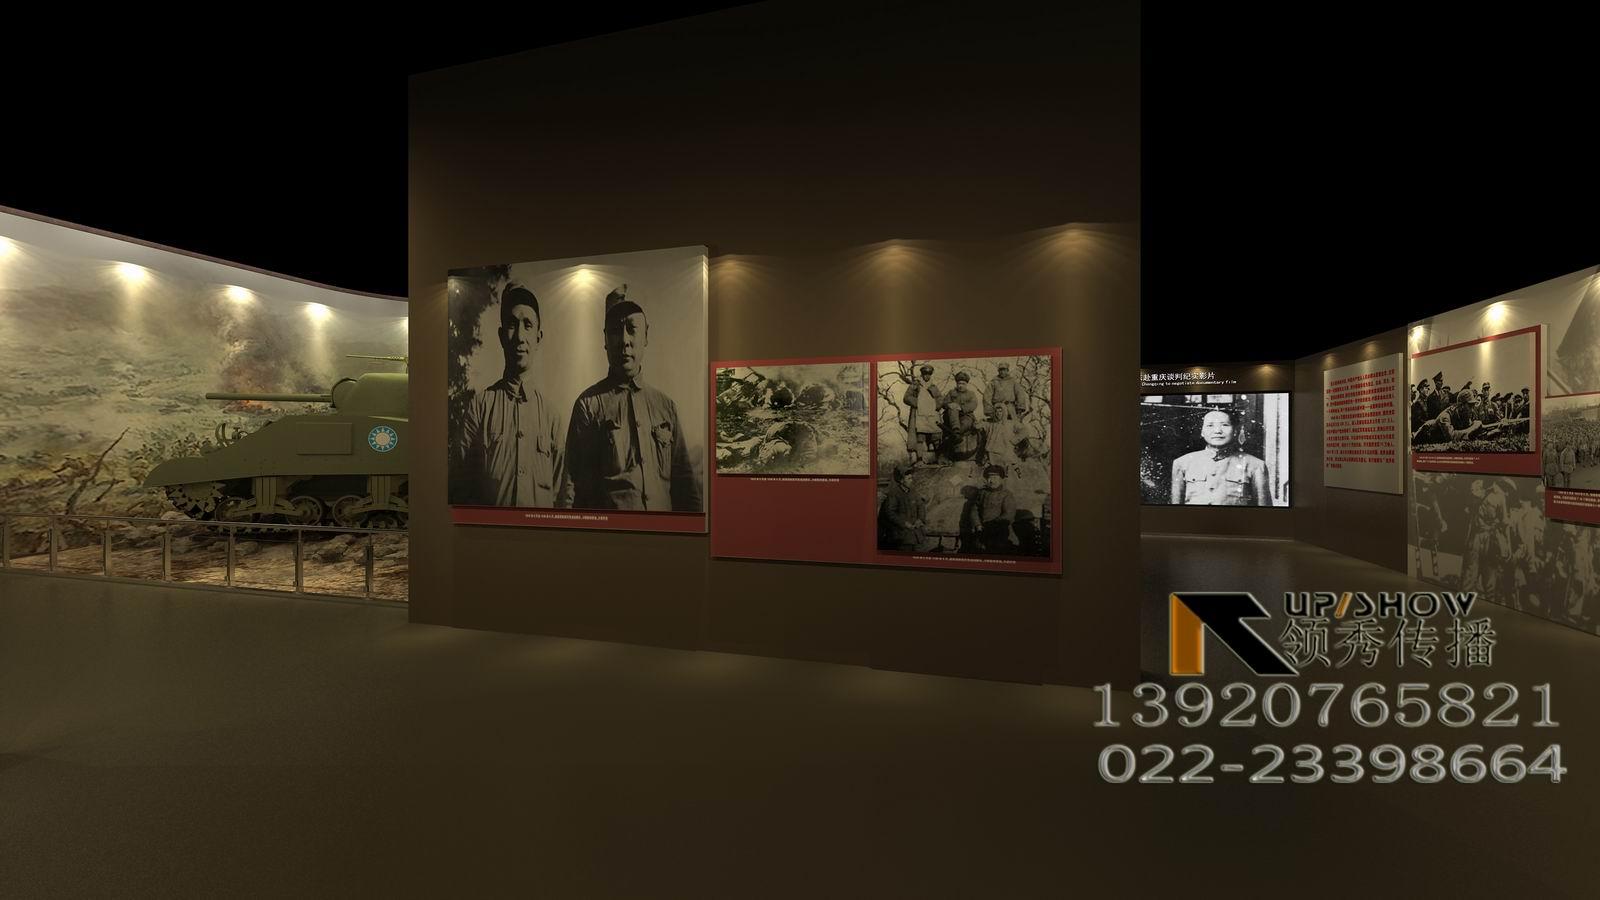 孟良崮博物馆展示